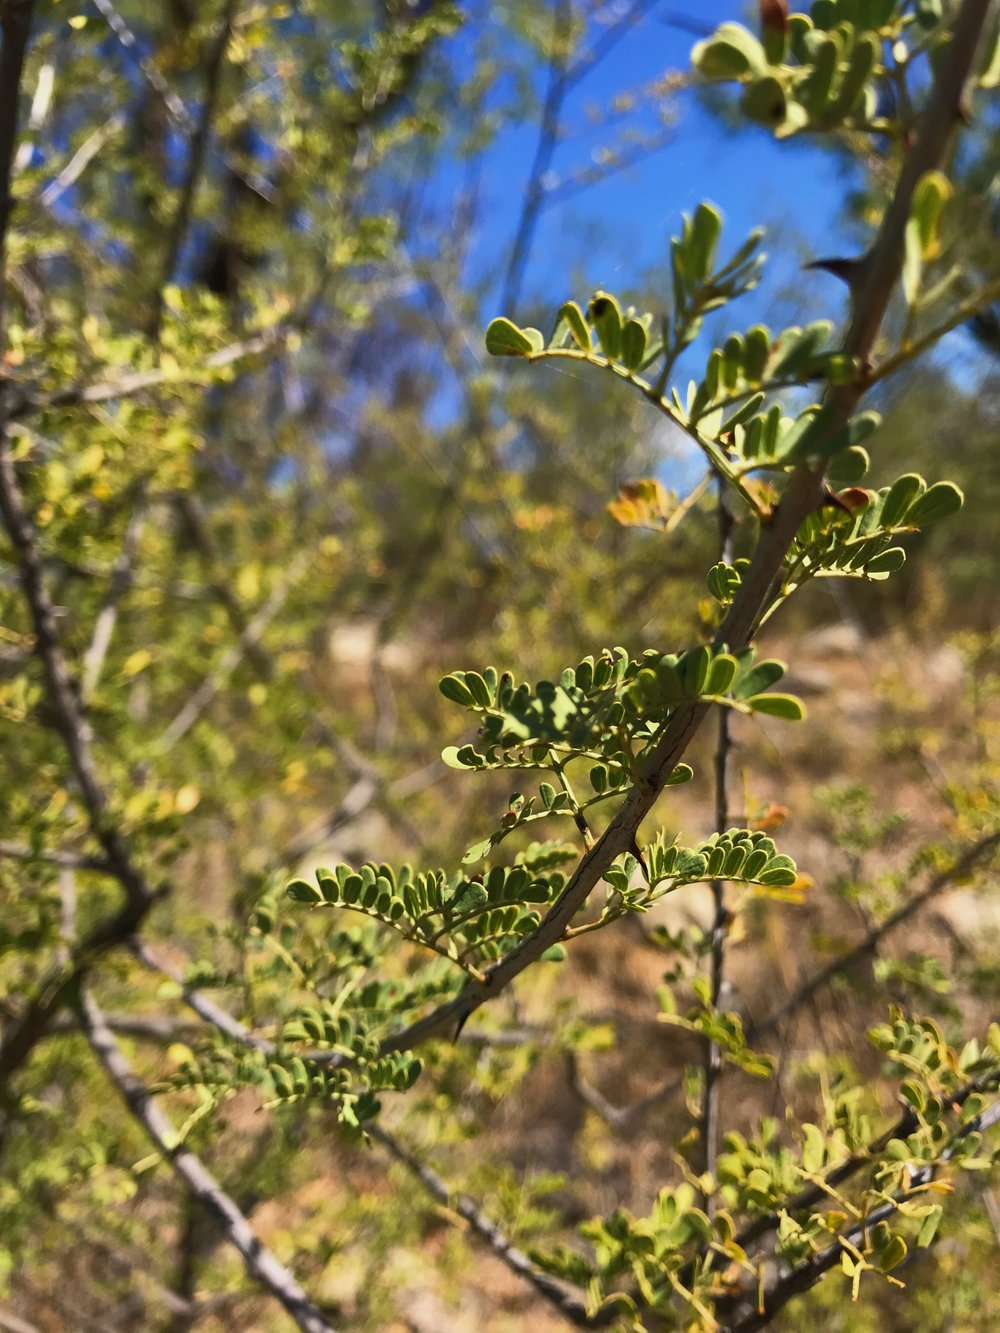 Mimosa borealis, Fragrant mimosa